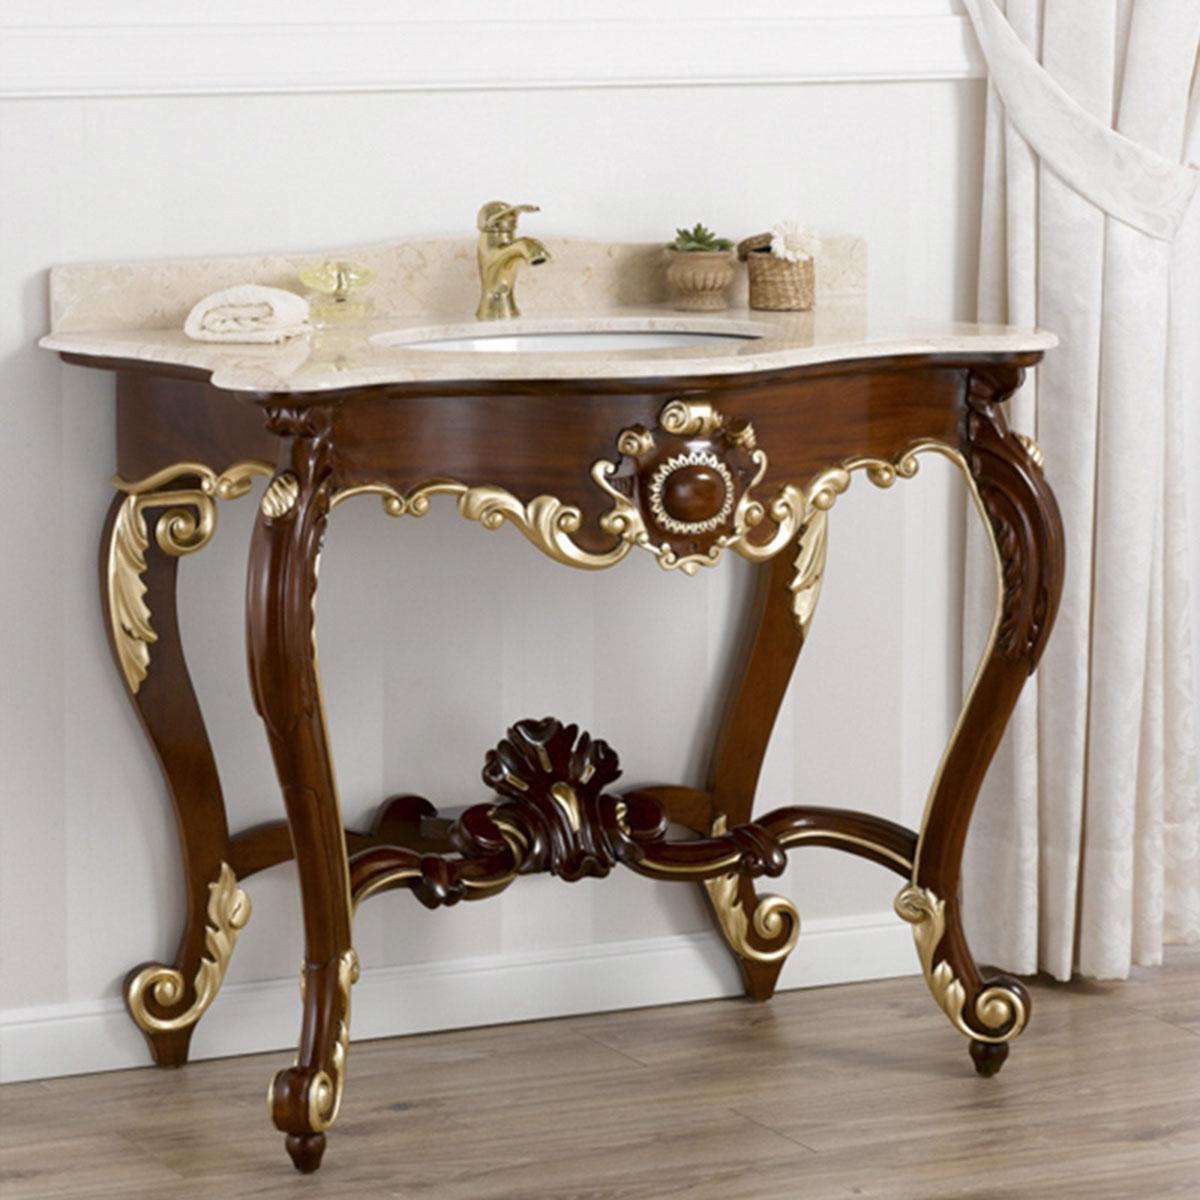 Console meuble salle de bain luigi filippo style baroque anglais meuble noyer et ebay - Console salle de bain ...